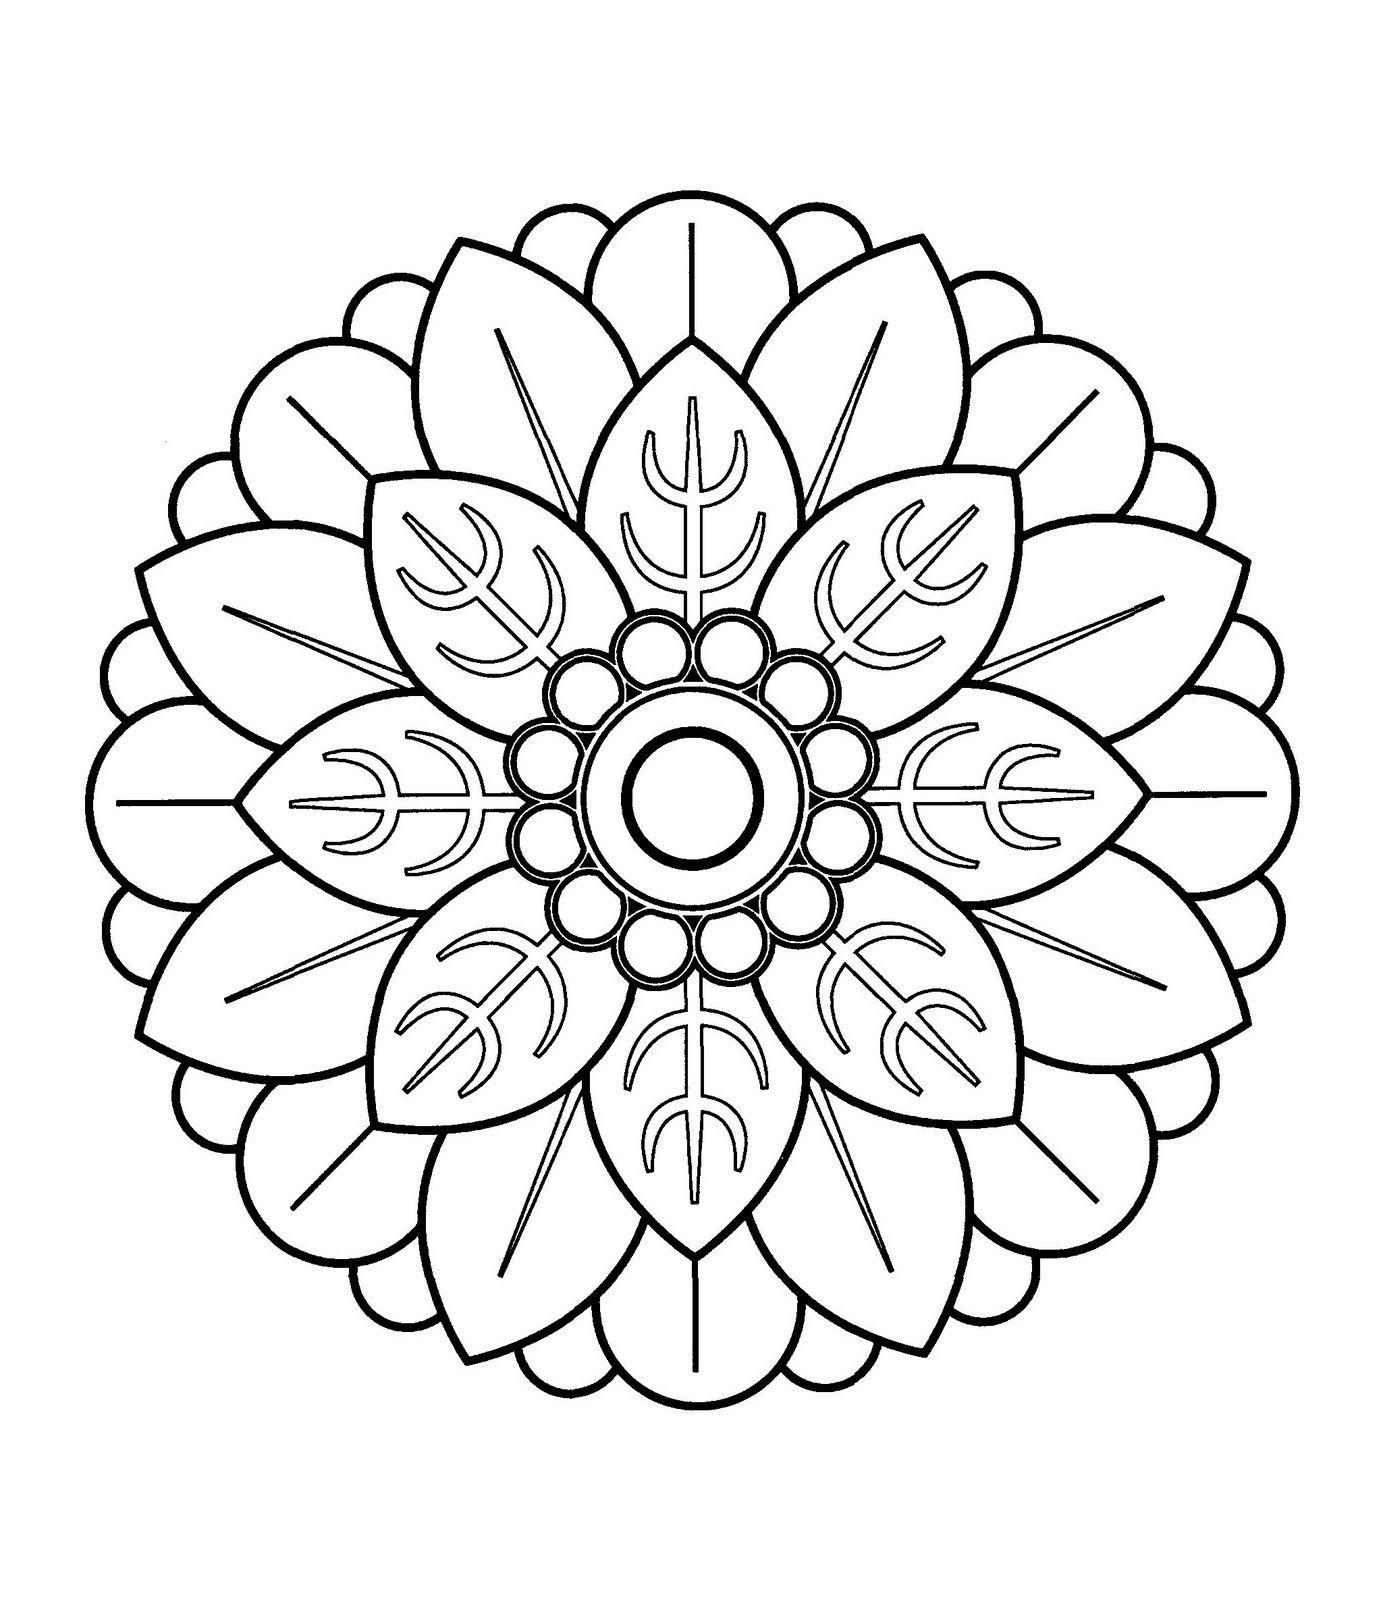 Henna Vorlagen Zum Ausdrucken Genial Mandalas Google Search Arte Pinterest Bild